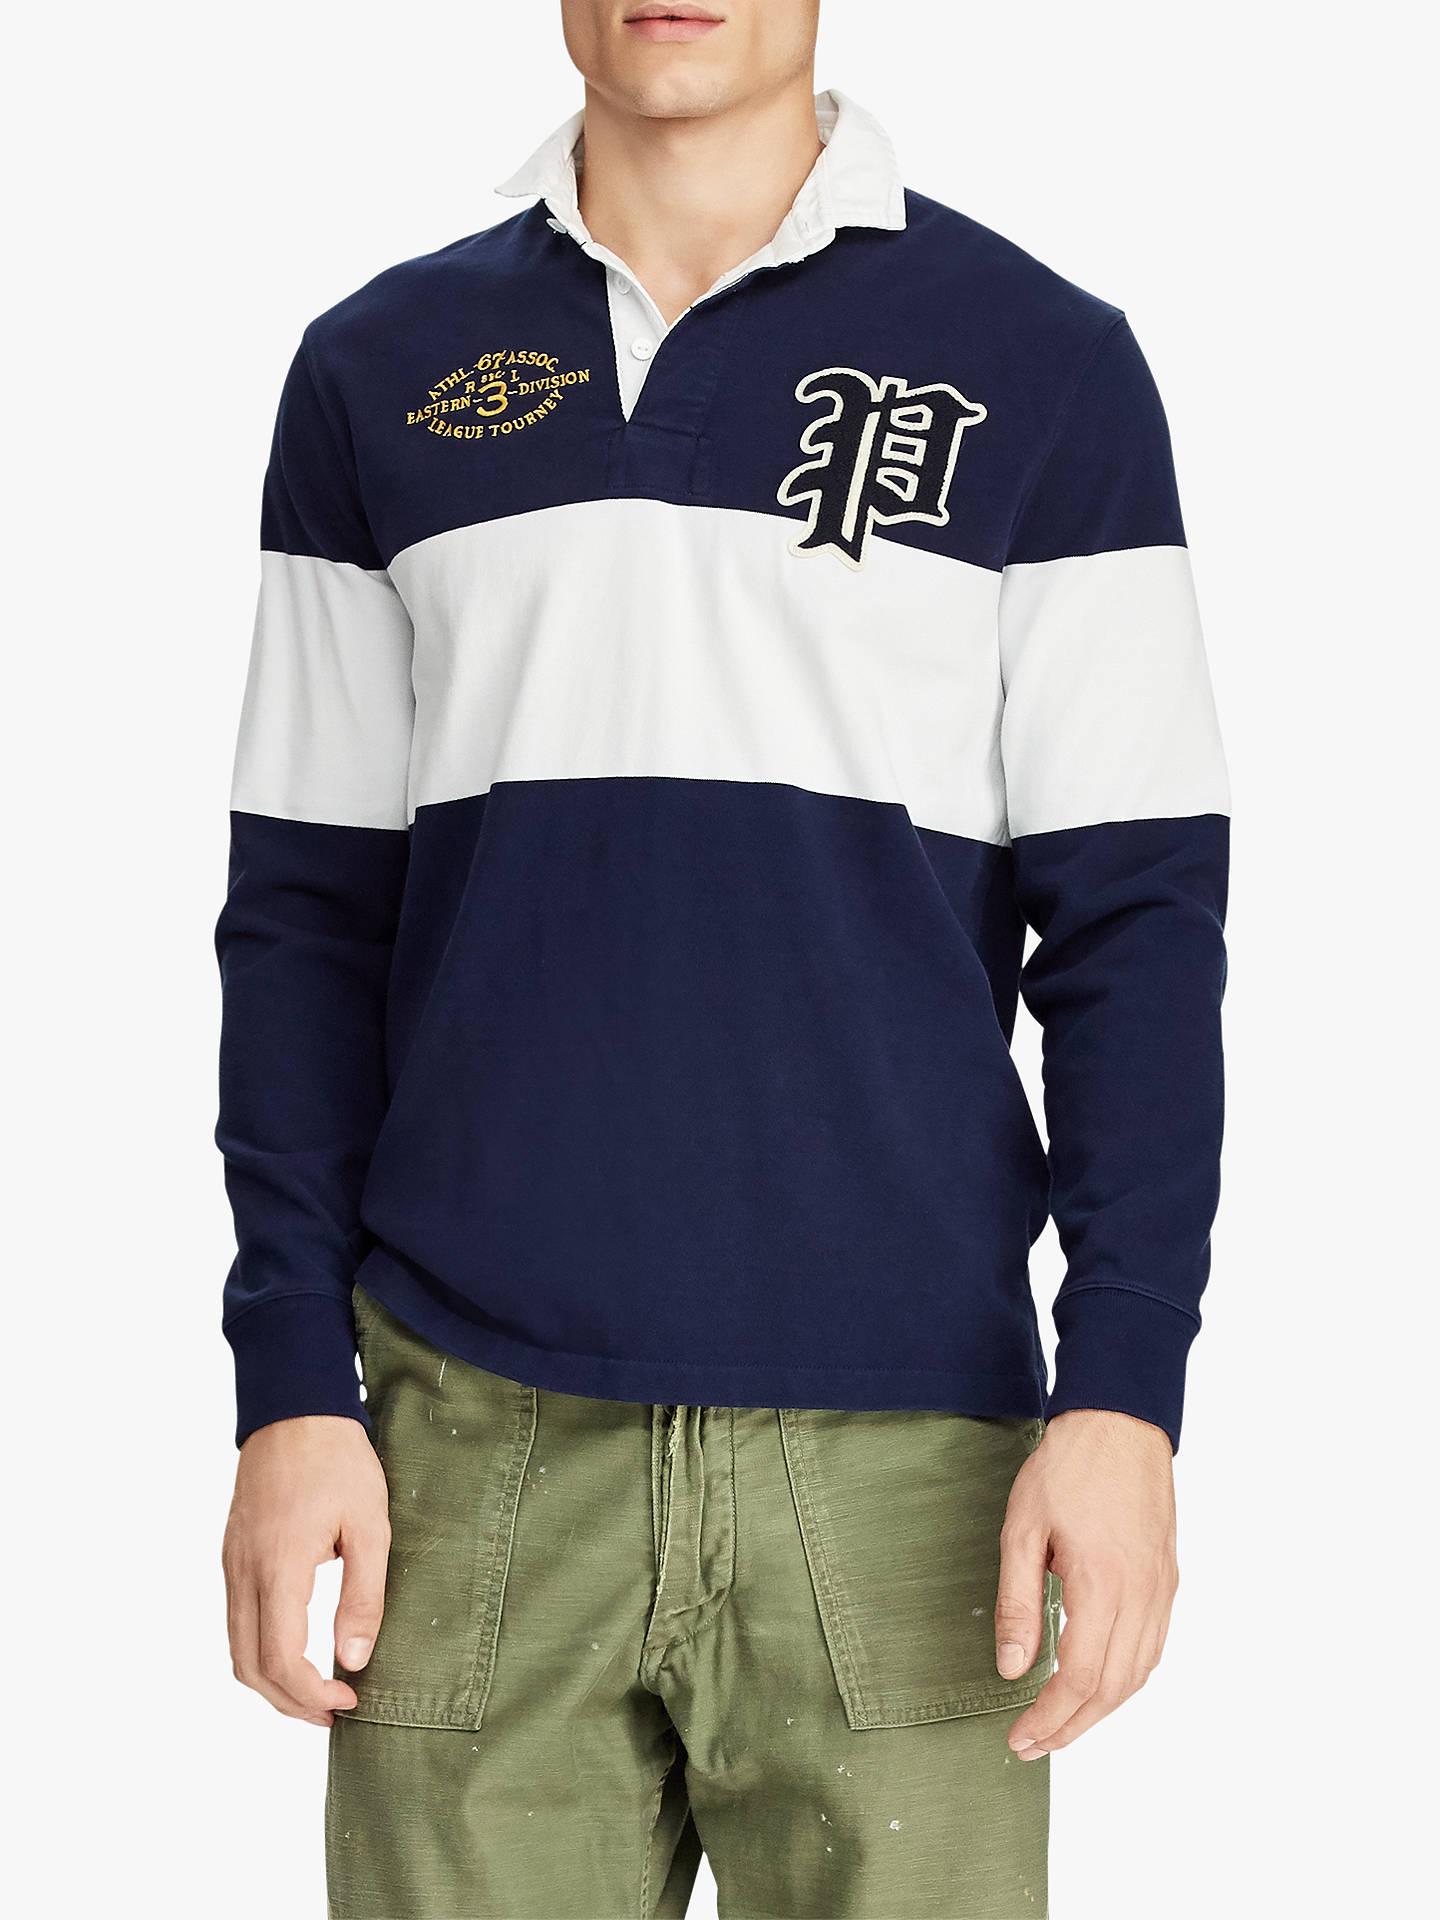 e400f9a39d316 Buy Polo Ralph Lauren Jersey Rugby Shirt